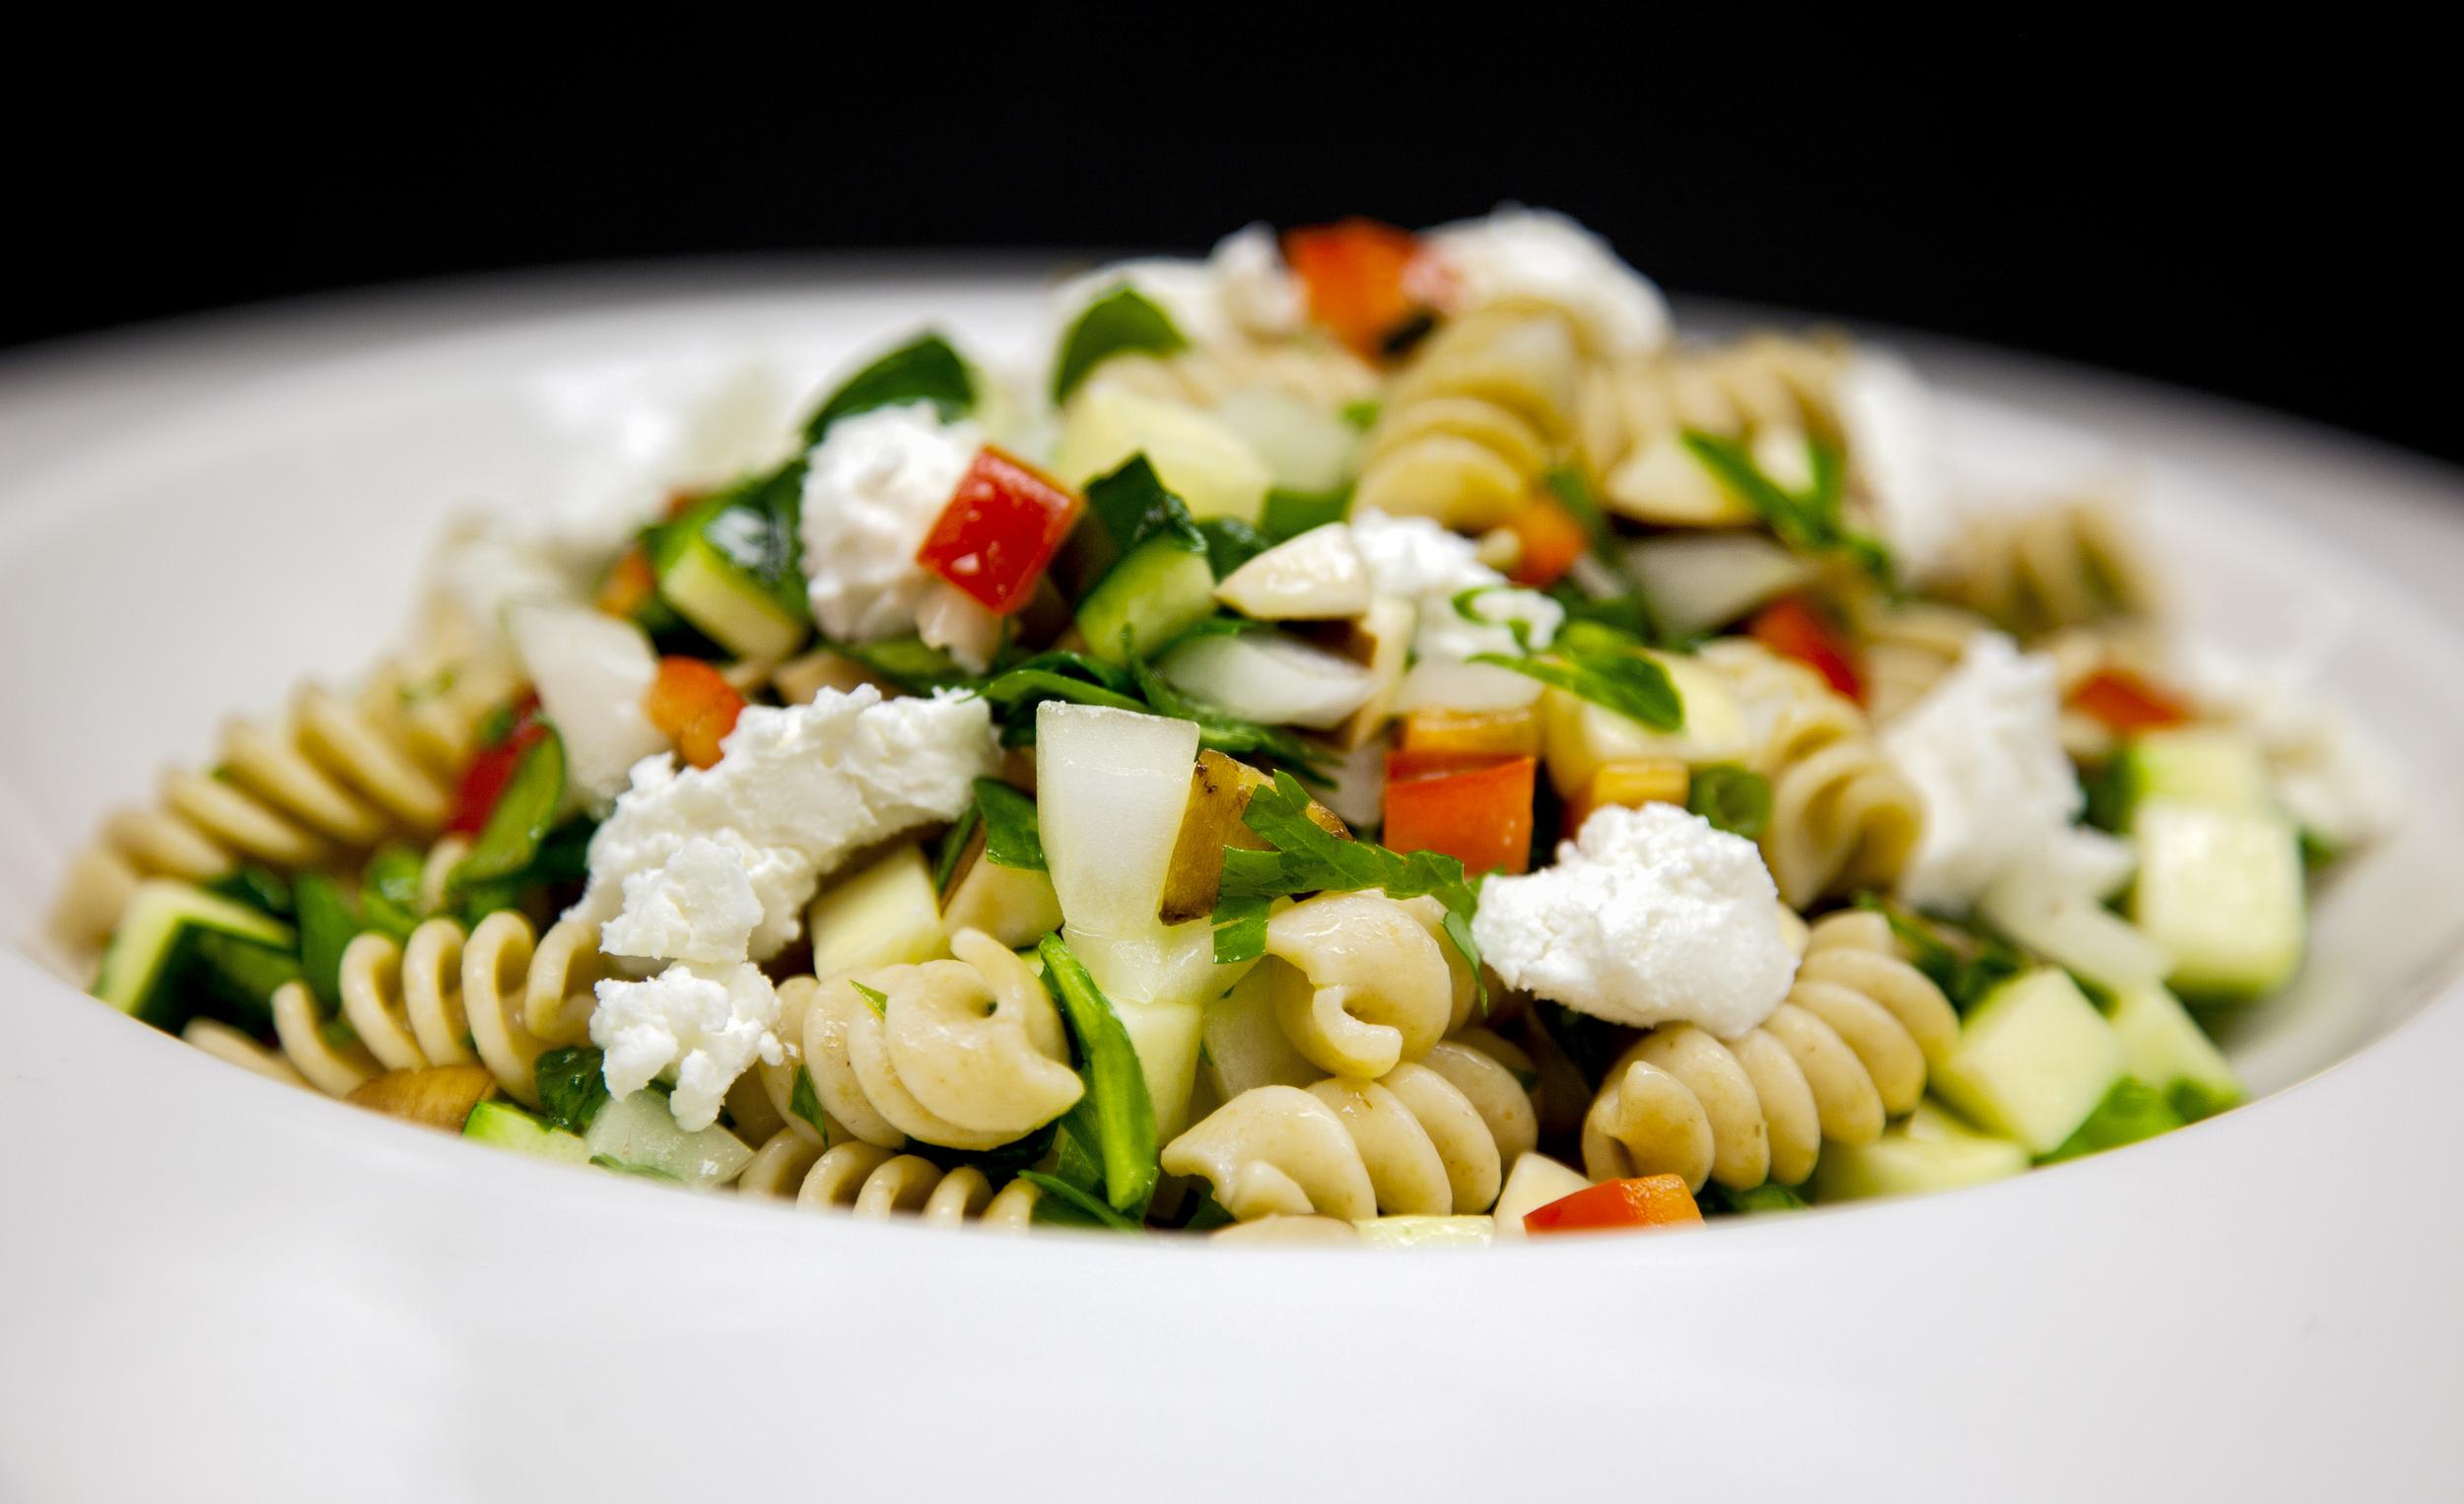 Pasta and Feta Salad